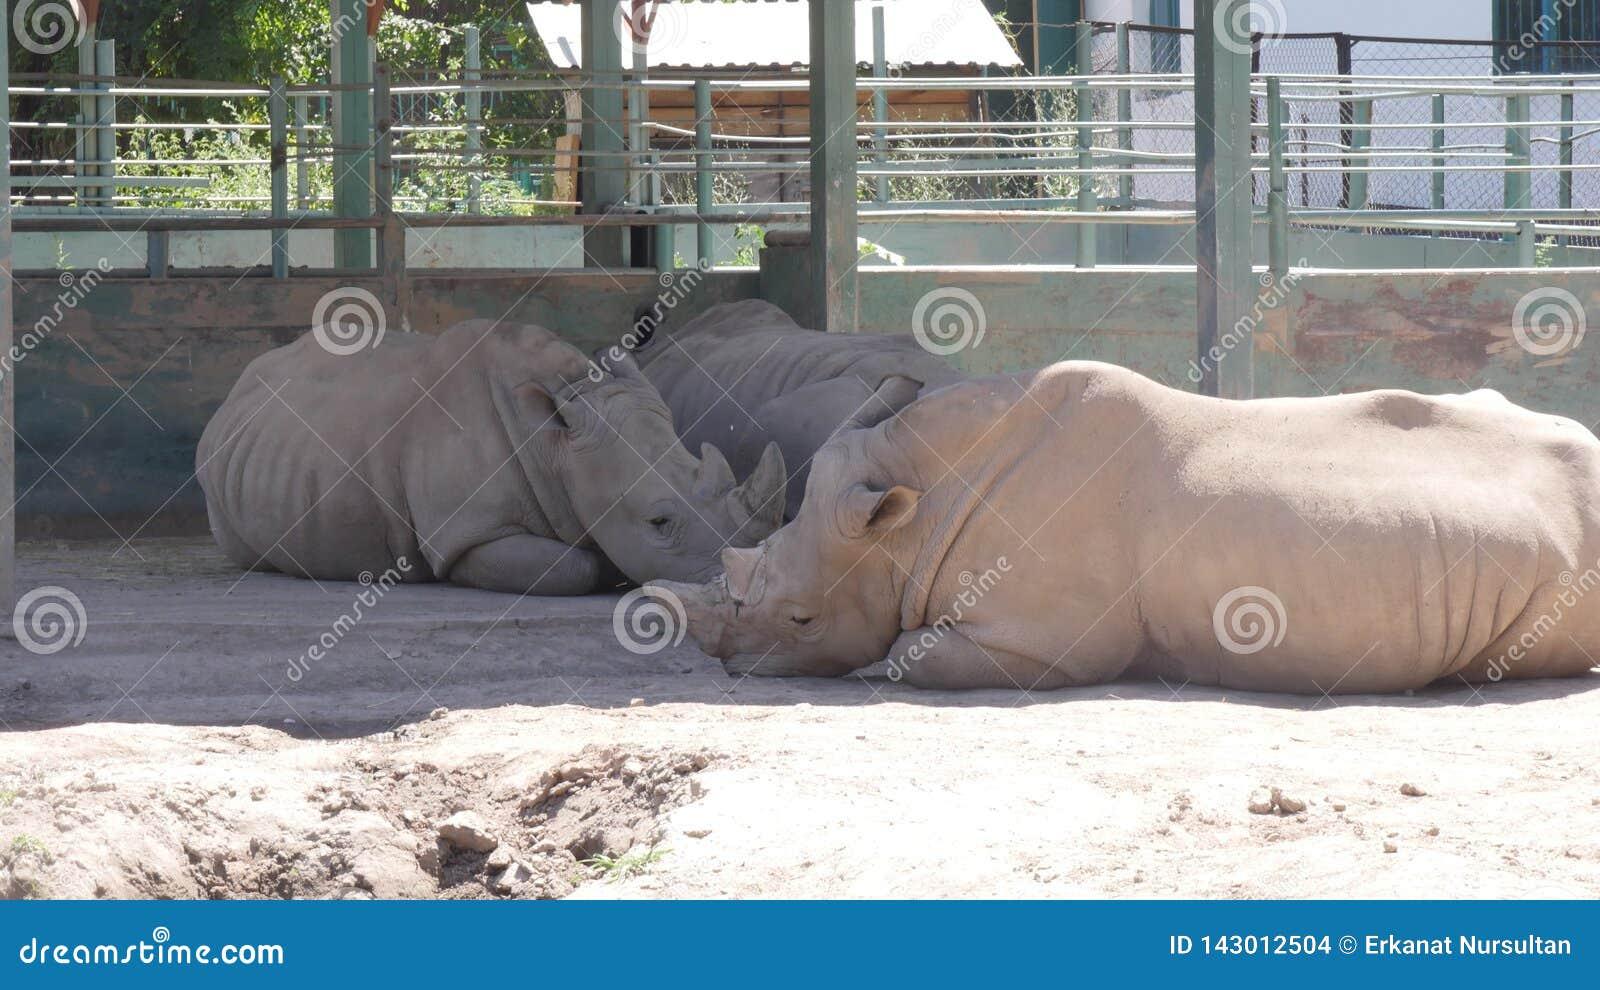 犀牛在动物园里